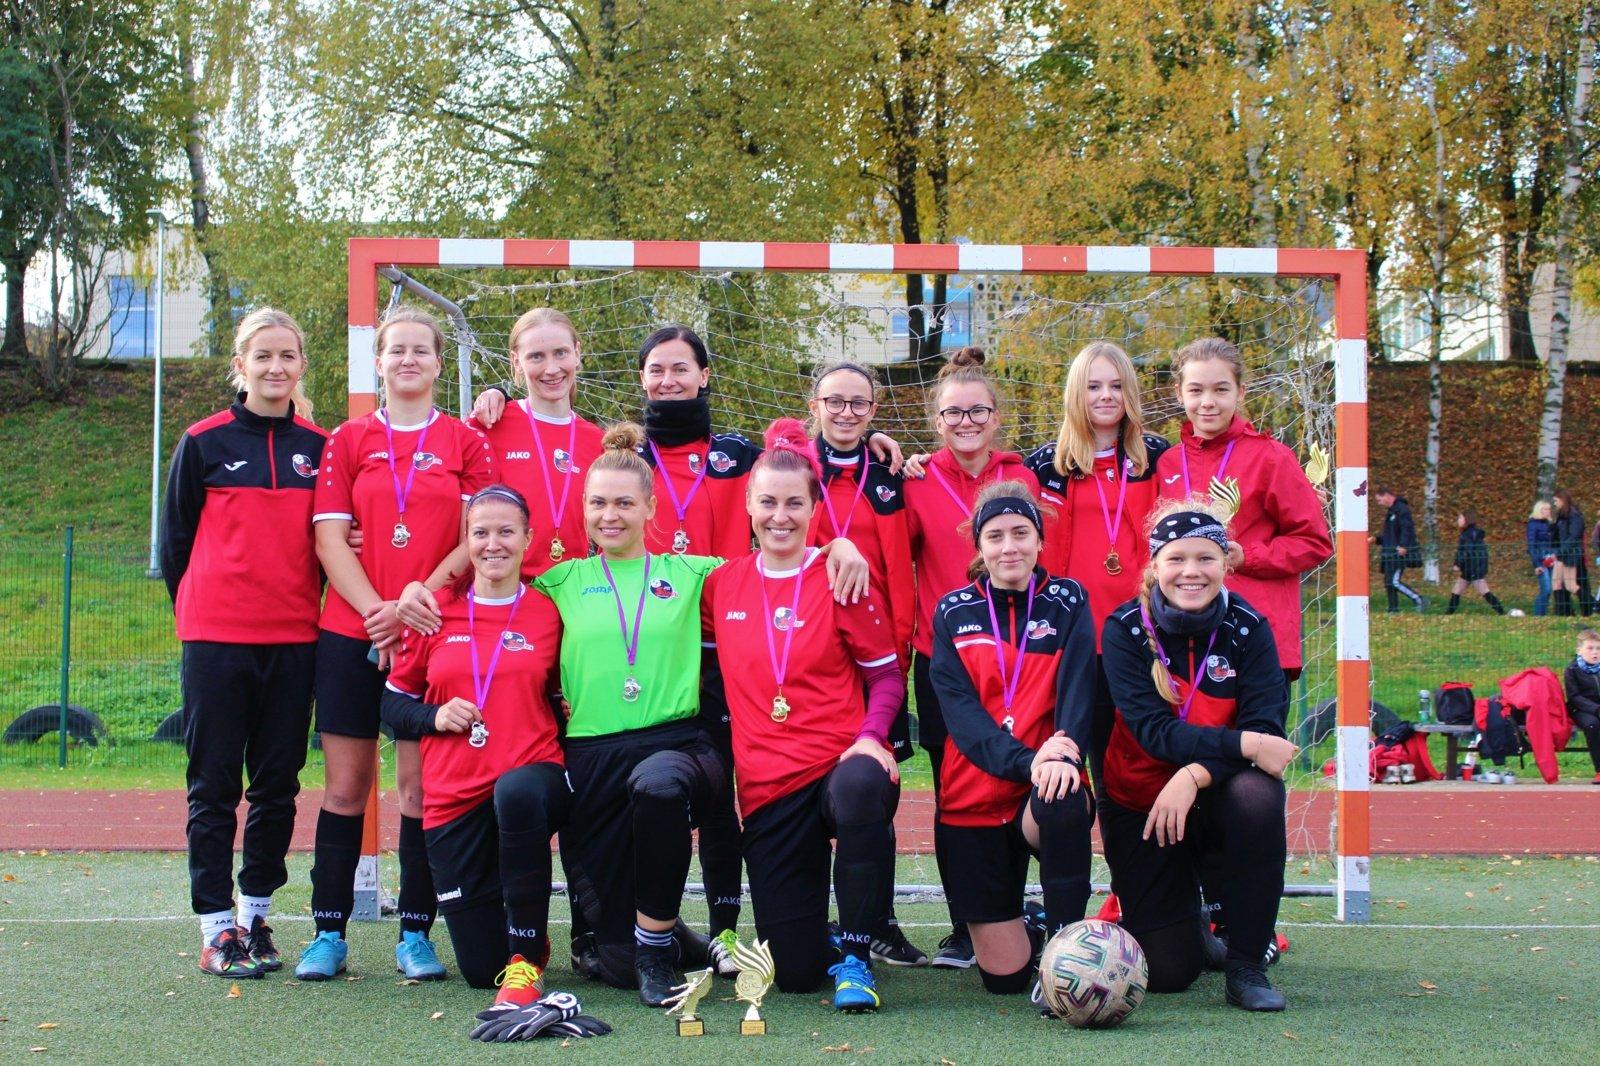 """Marijampolėje įvyko tradicinis moterų futbolo turnyras """"Miss futbolistė 2020"""""""